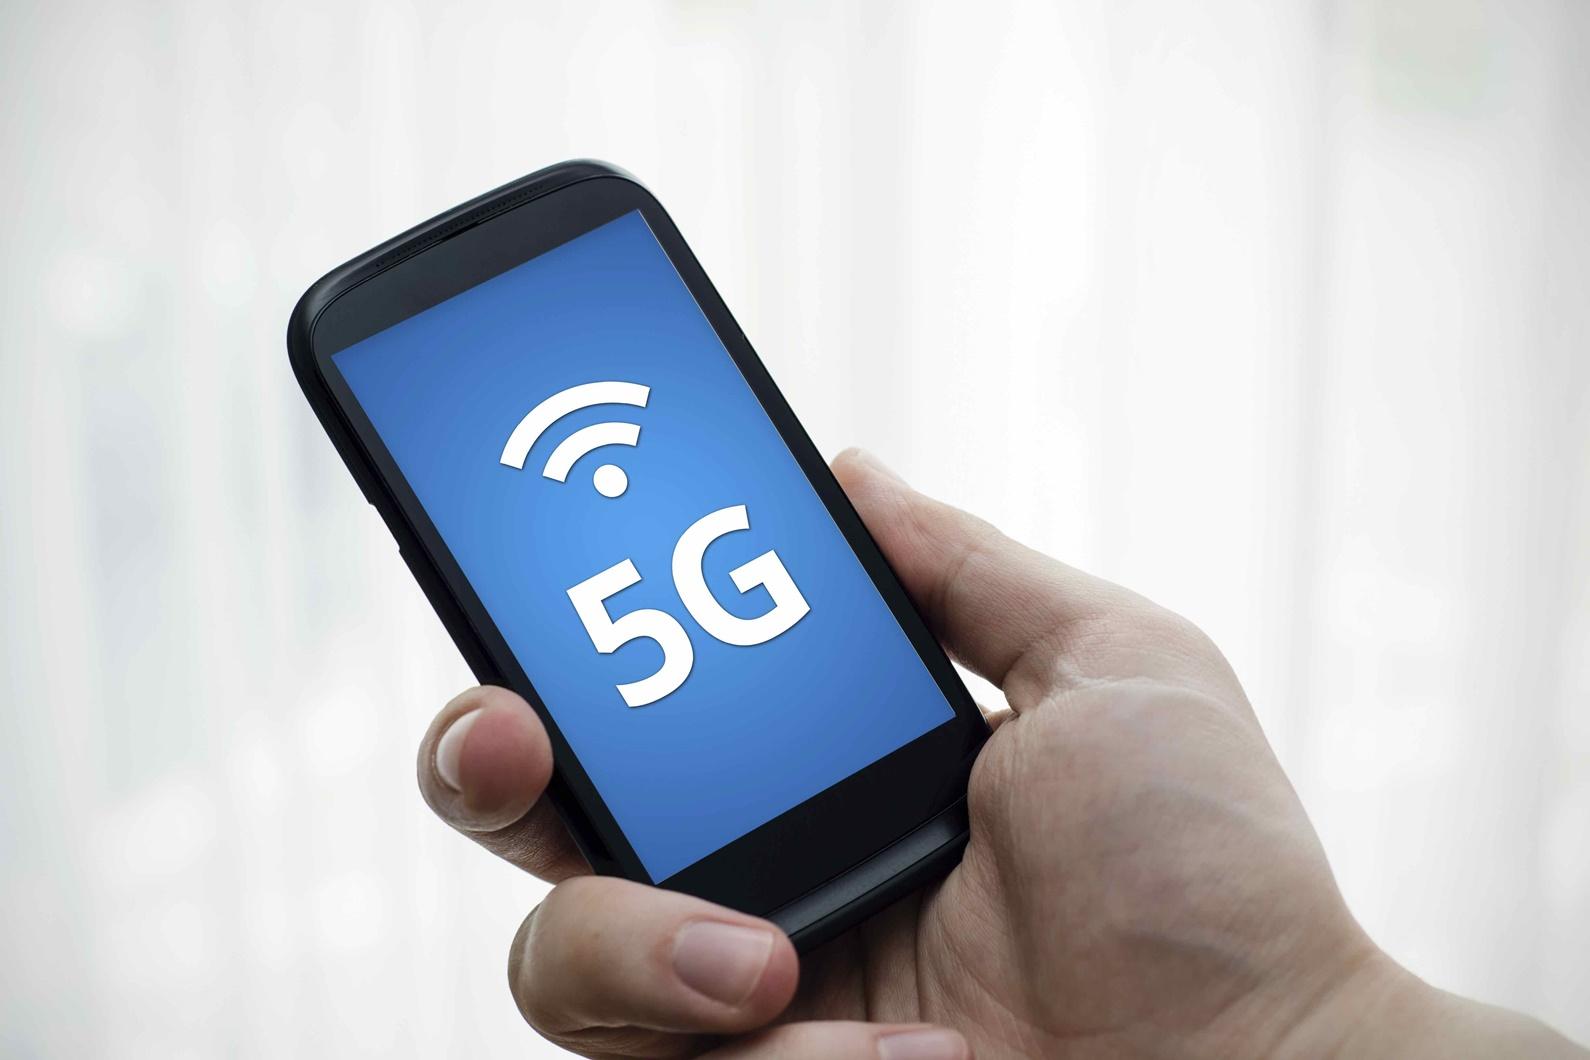 Imagem de Internet 5G: novo padrão deve alcançar velocidade de até 20 Gbps no tecmundo